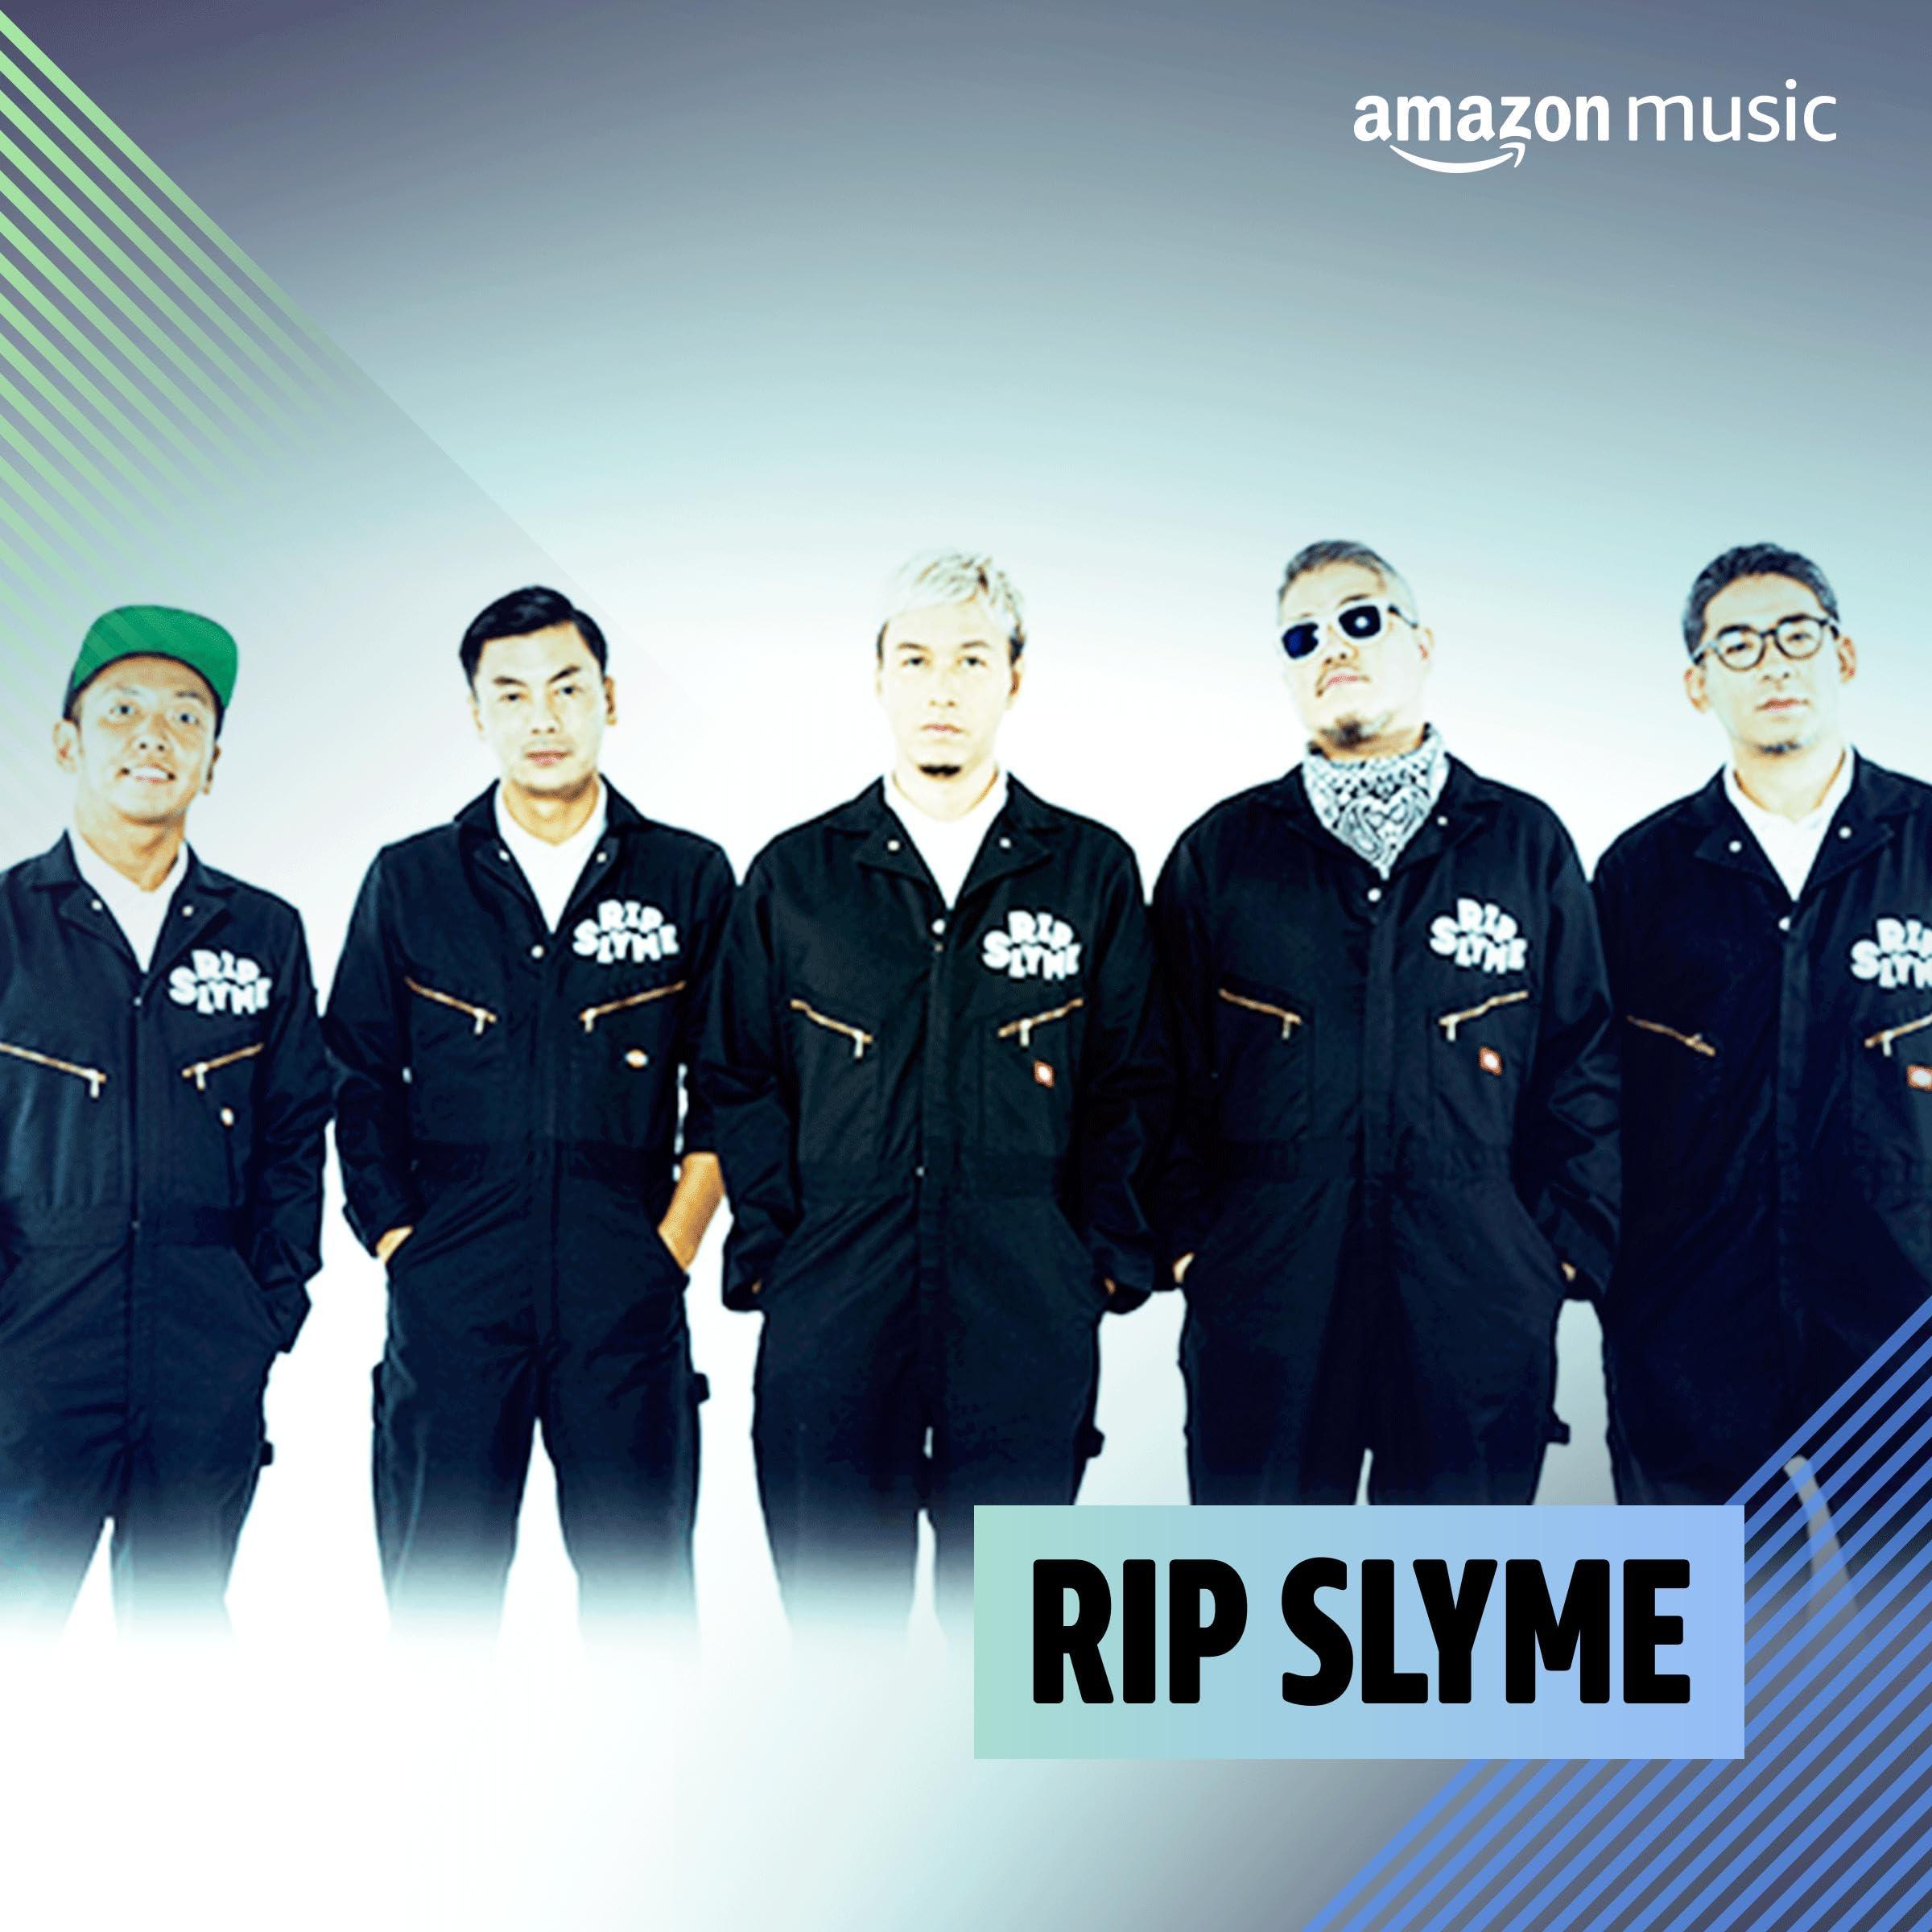 RIP SLYMEを聴いているお客様におすすめ